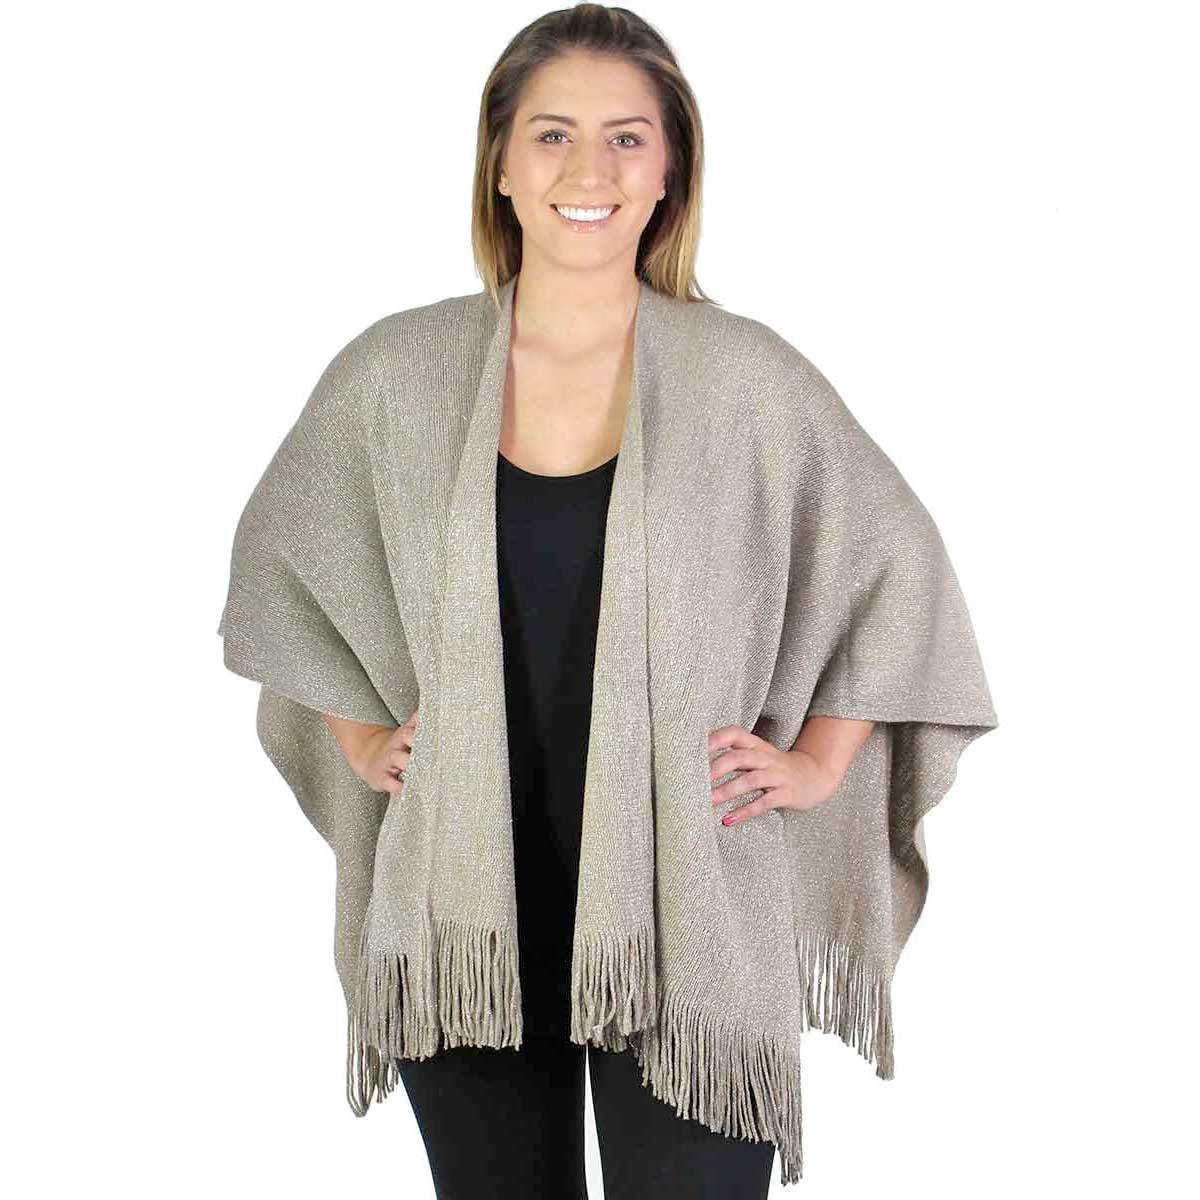 Fall/Winter Ruana Capes - Knit Metallic 2968